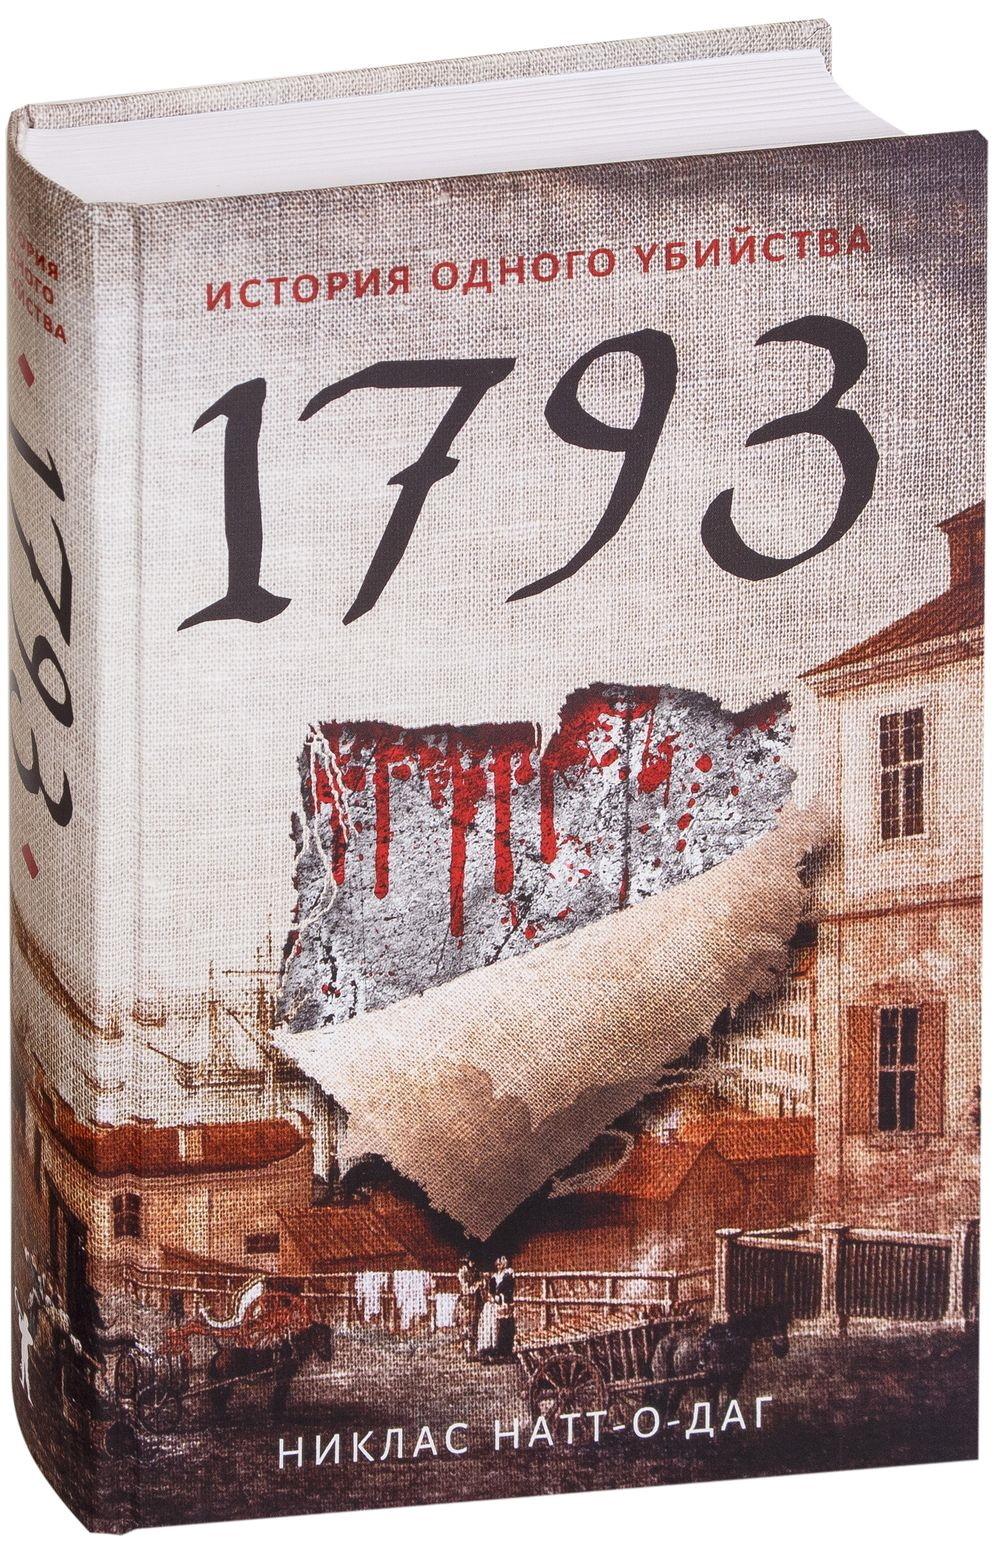 1793. История одного убийства — Никлас Натт-о-Даг